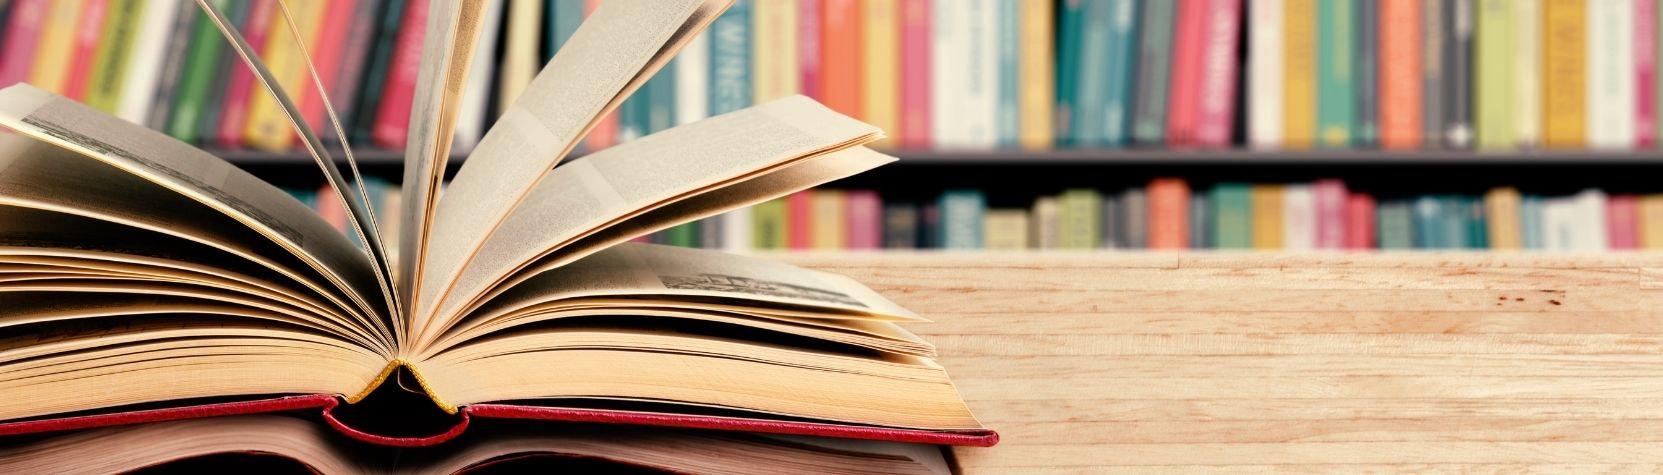 Vds training consultants blog 7 boeken over leiderschap die je gelezen moet hebben